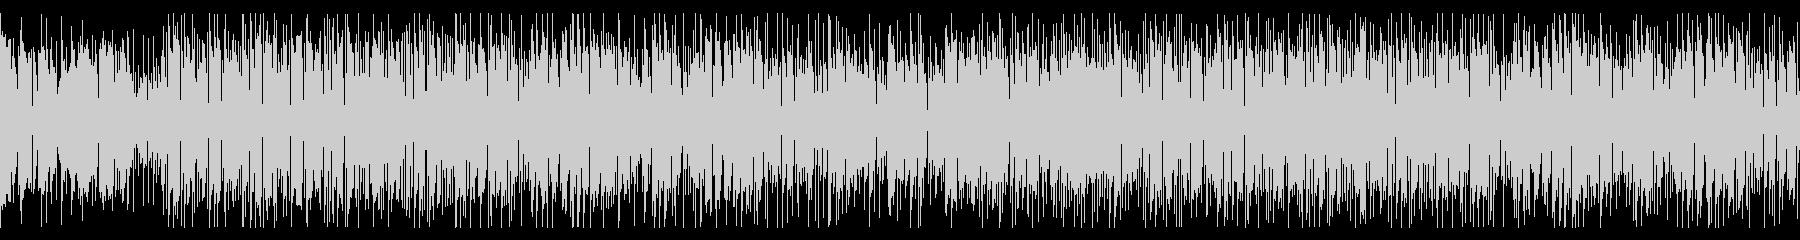 クールなギターカッティング/ファンク調の未再生の波形